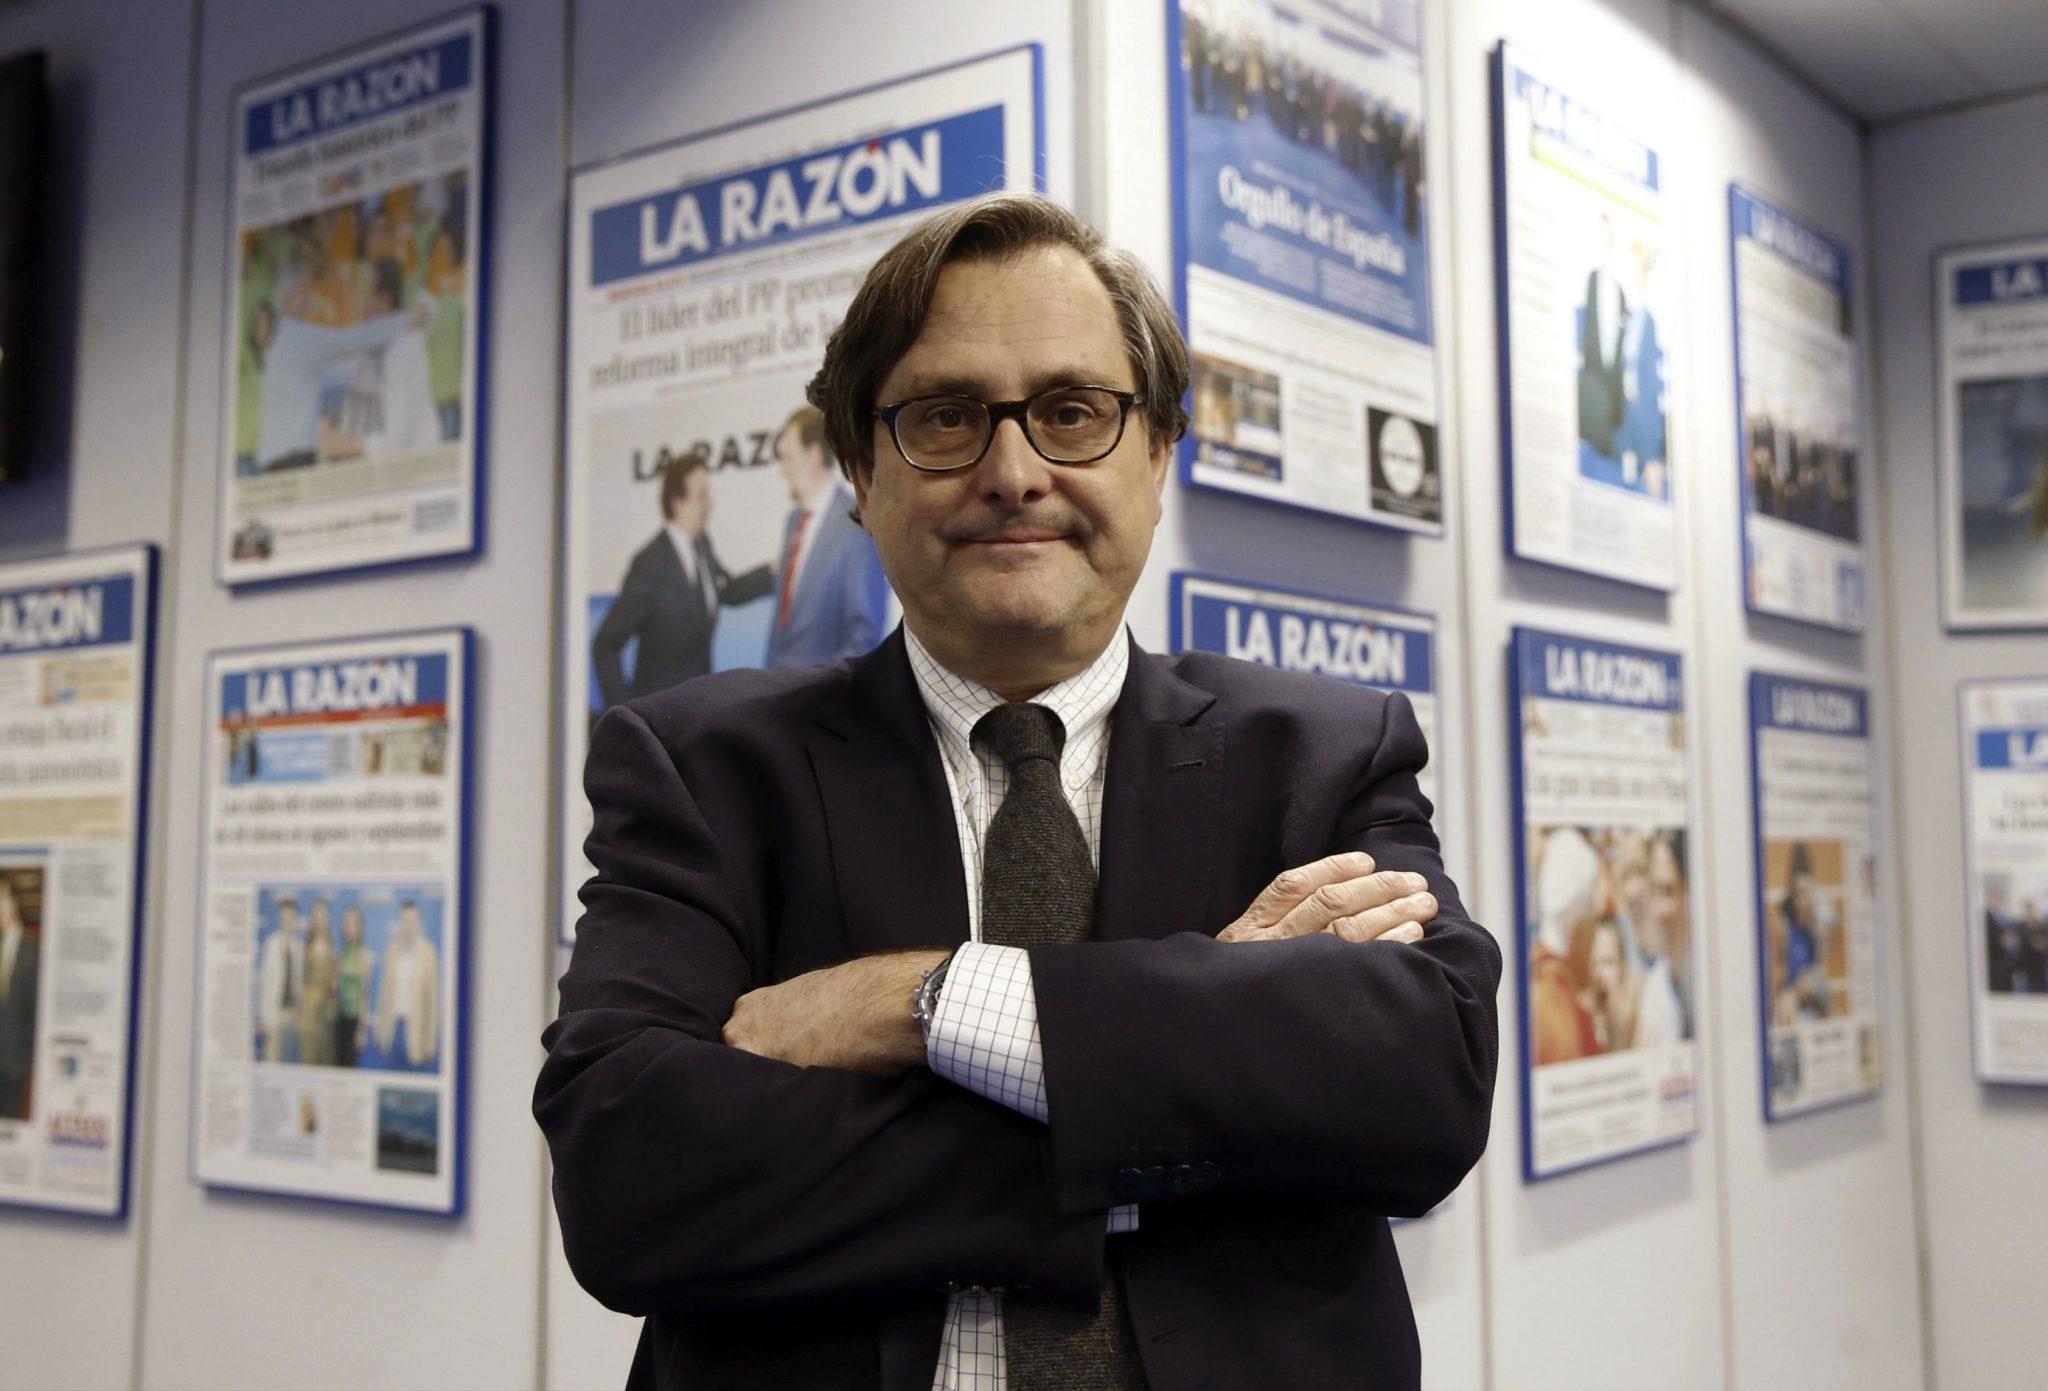 periodismo-corrupto-francisco-marhuenda-director-de-la-razon